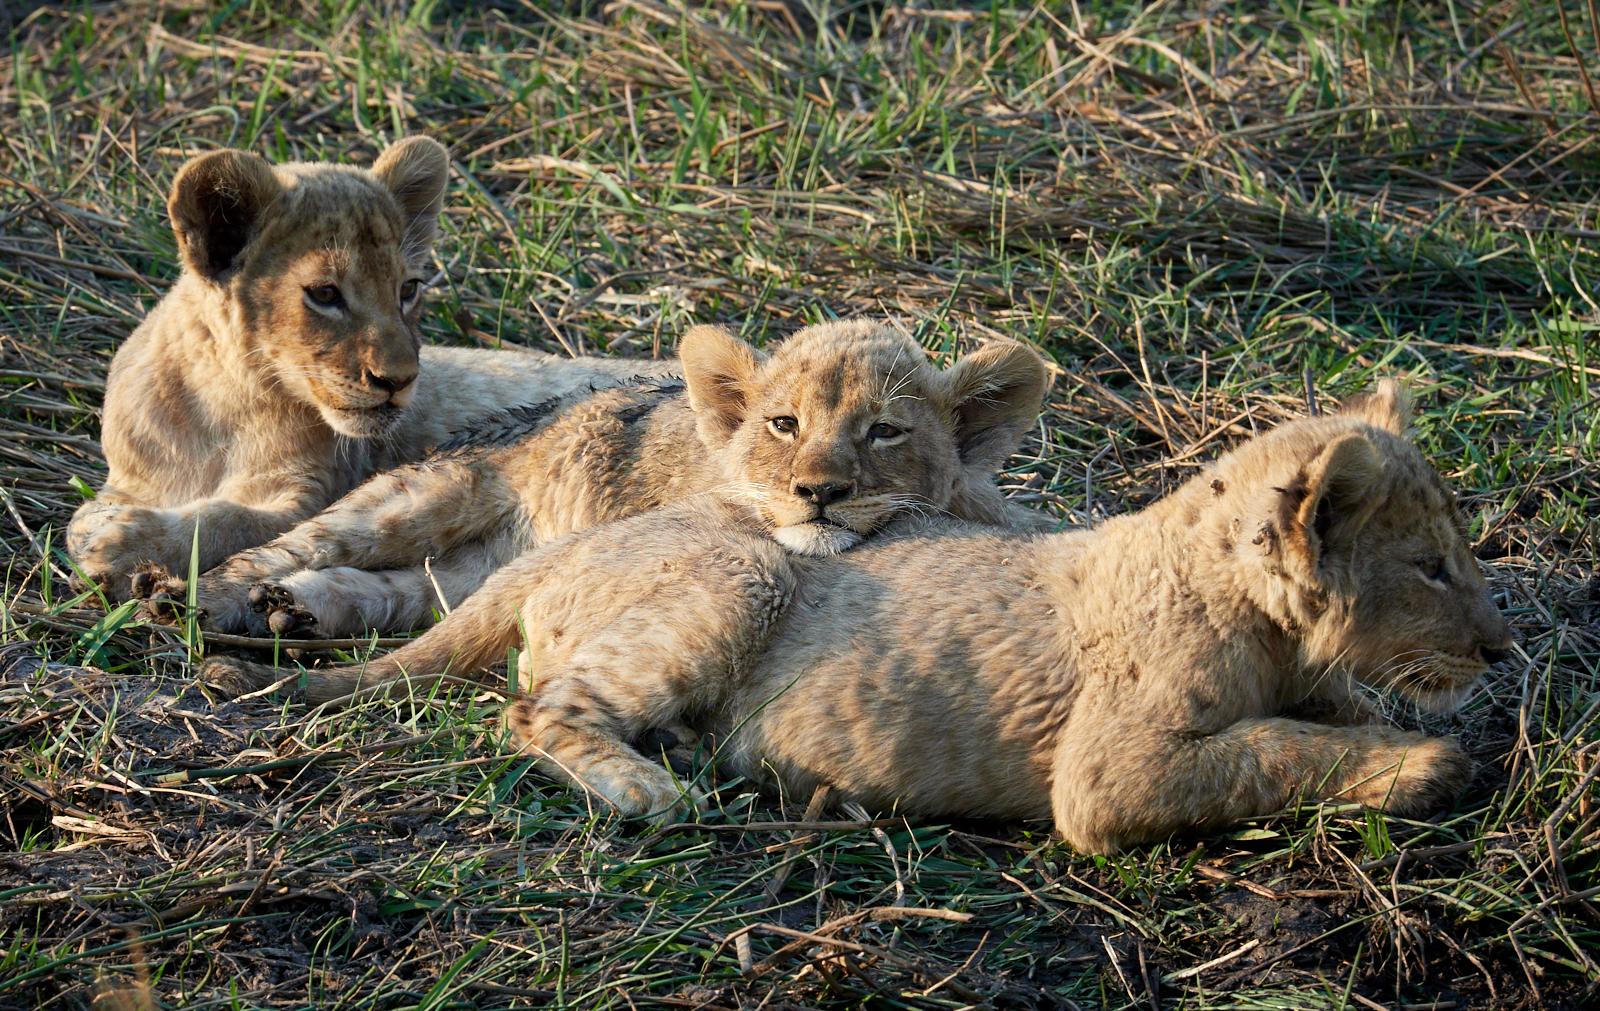 Lion cubs playing 1600x1200 sRGB.jpg